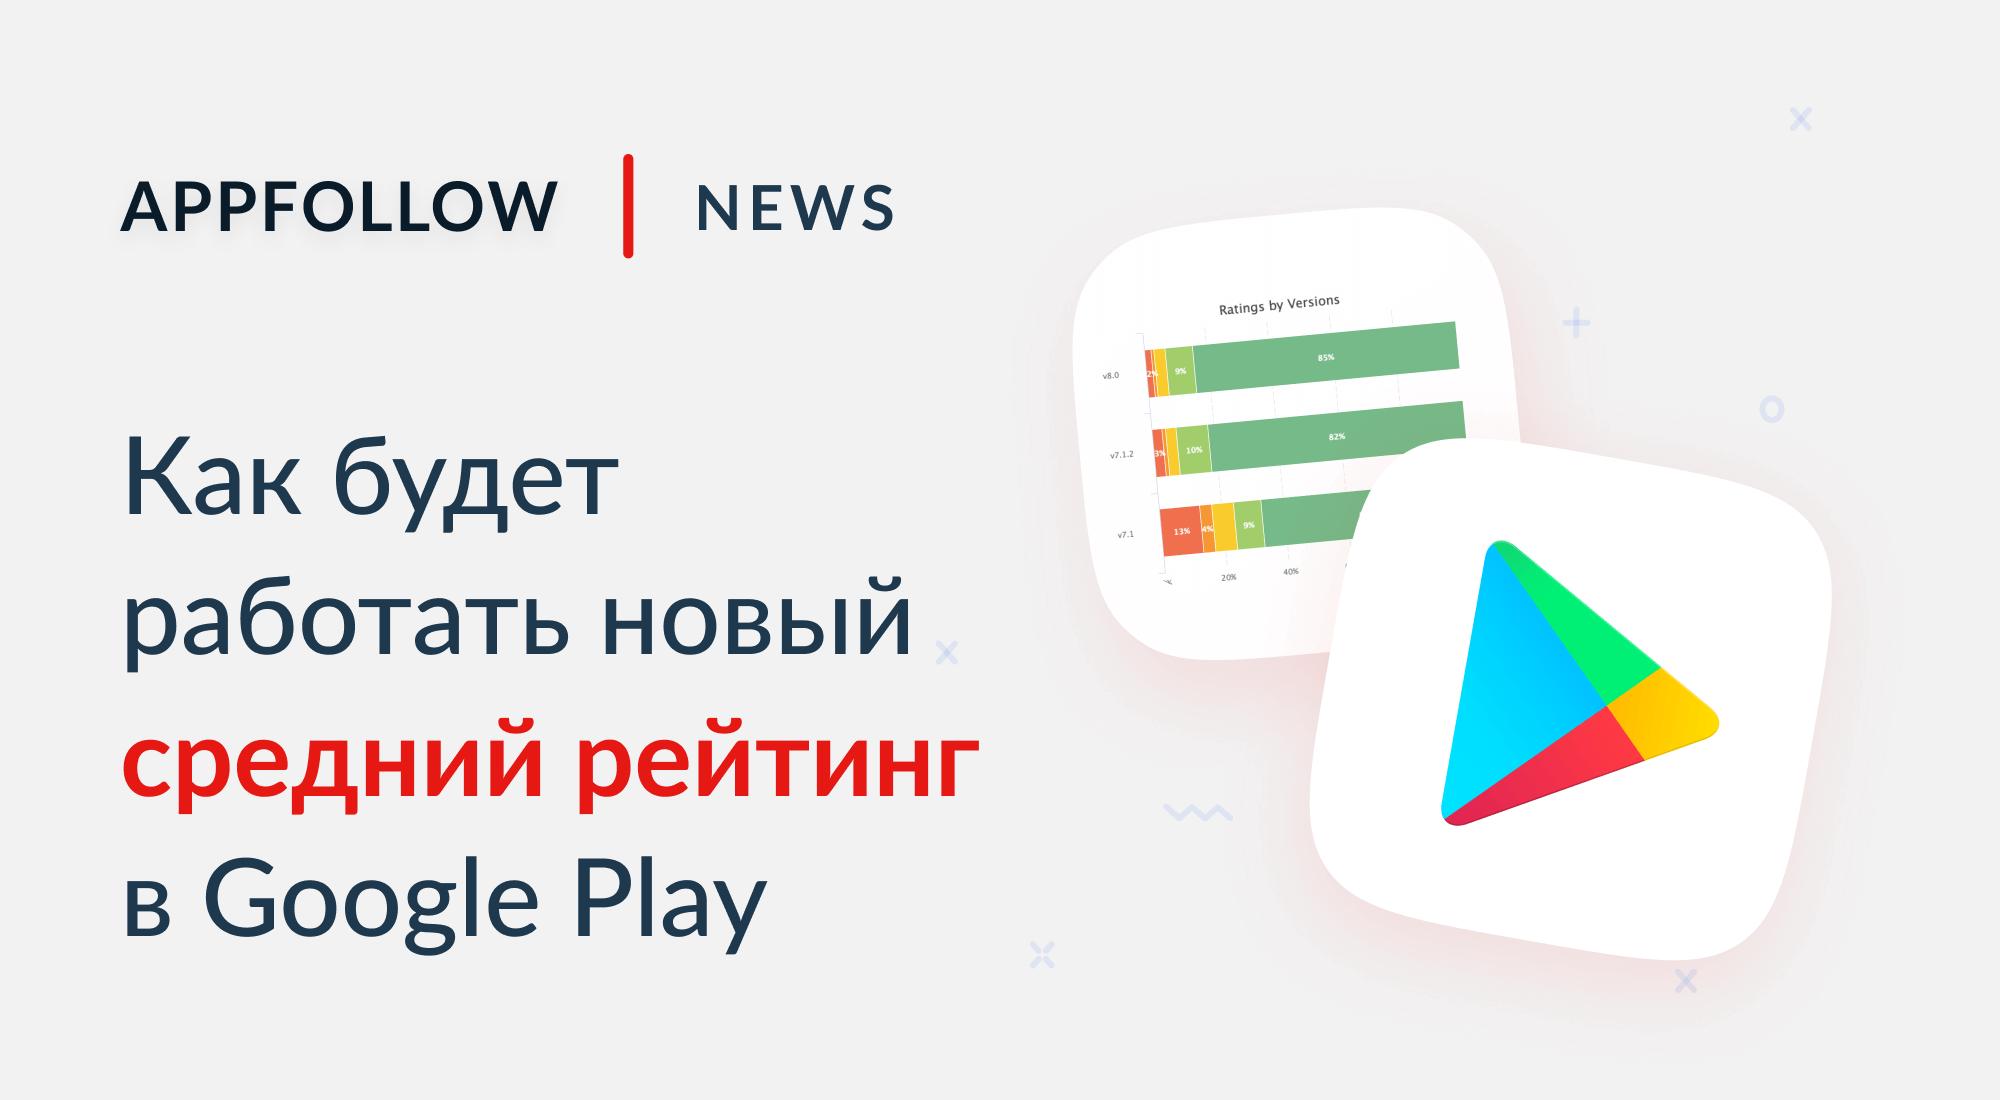 Новый рейтинг в Google Play: чего ждать и как подготовиться